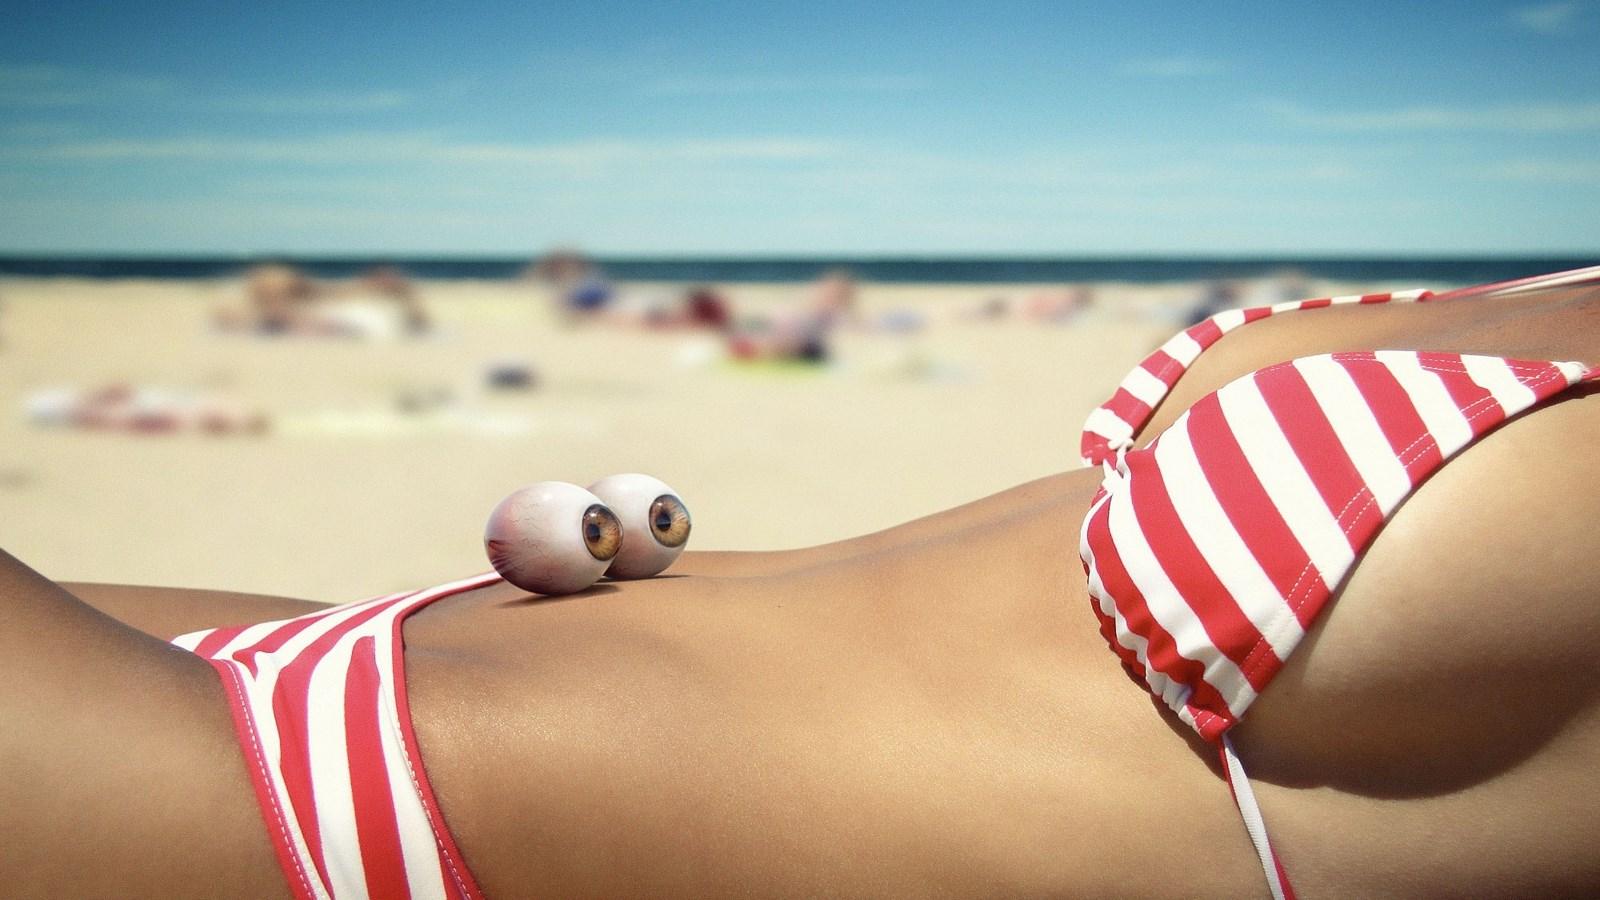 Смотреть грудь до пуза онлайн бесплатно 9 фотография